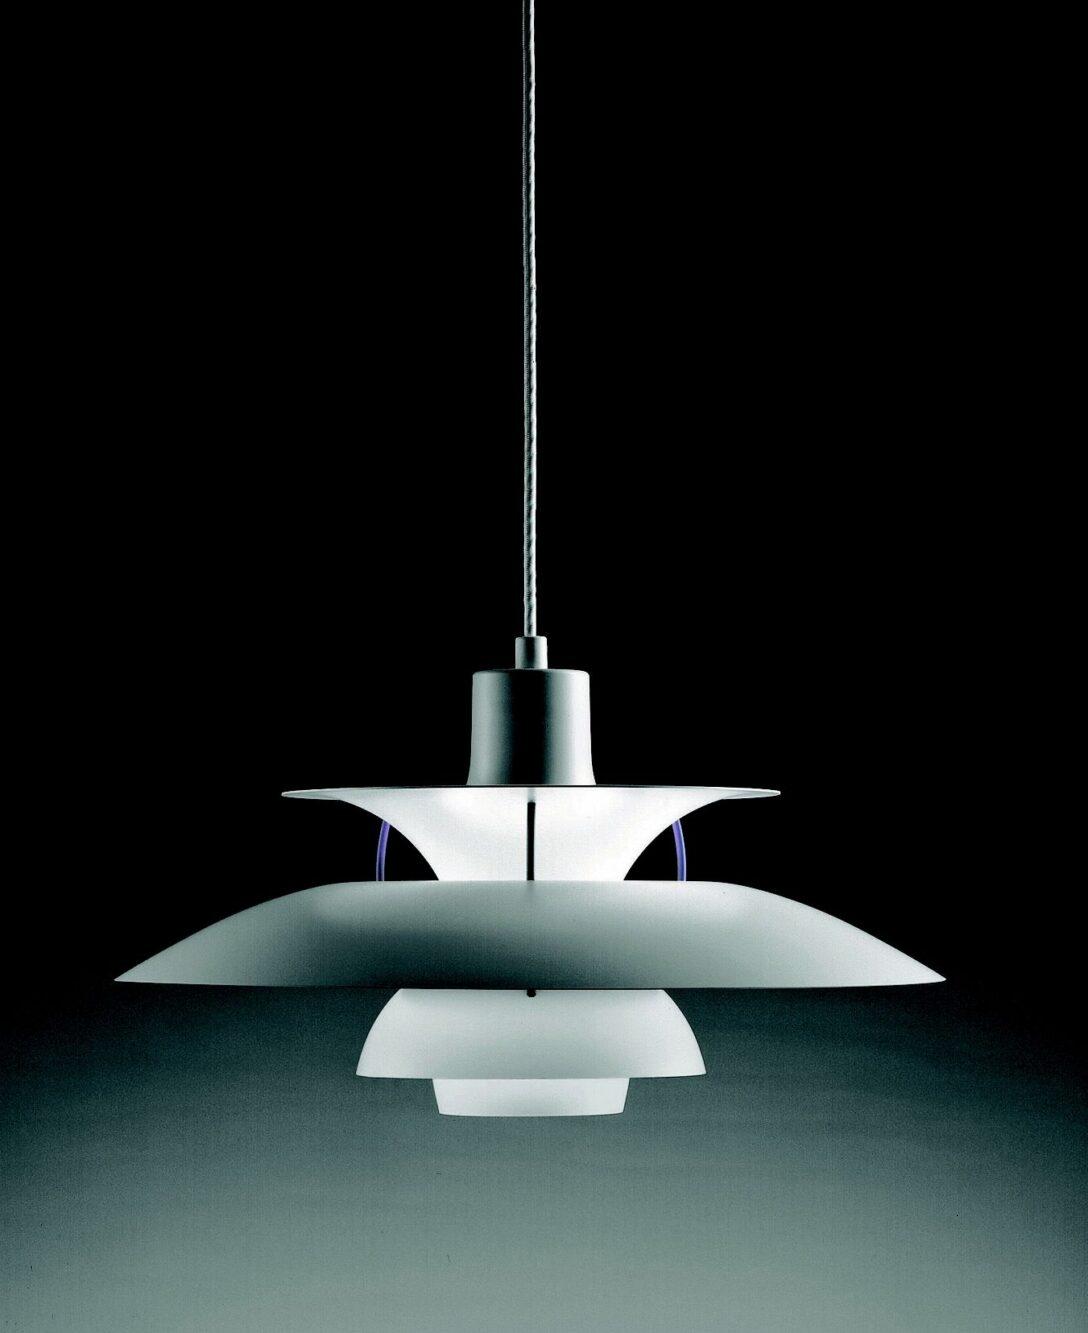 Large Size of Deckenlampe Skandinavisch Skandinavische Lampen Schlafzimmer Esstisch Wohnzimmer Deckenlampen Modern Für Küche Bad Bett Wohnzimmer Deckenlampe Skandinavisch